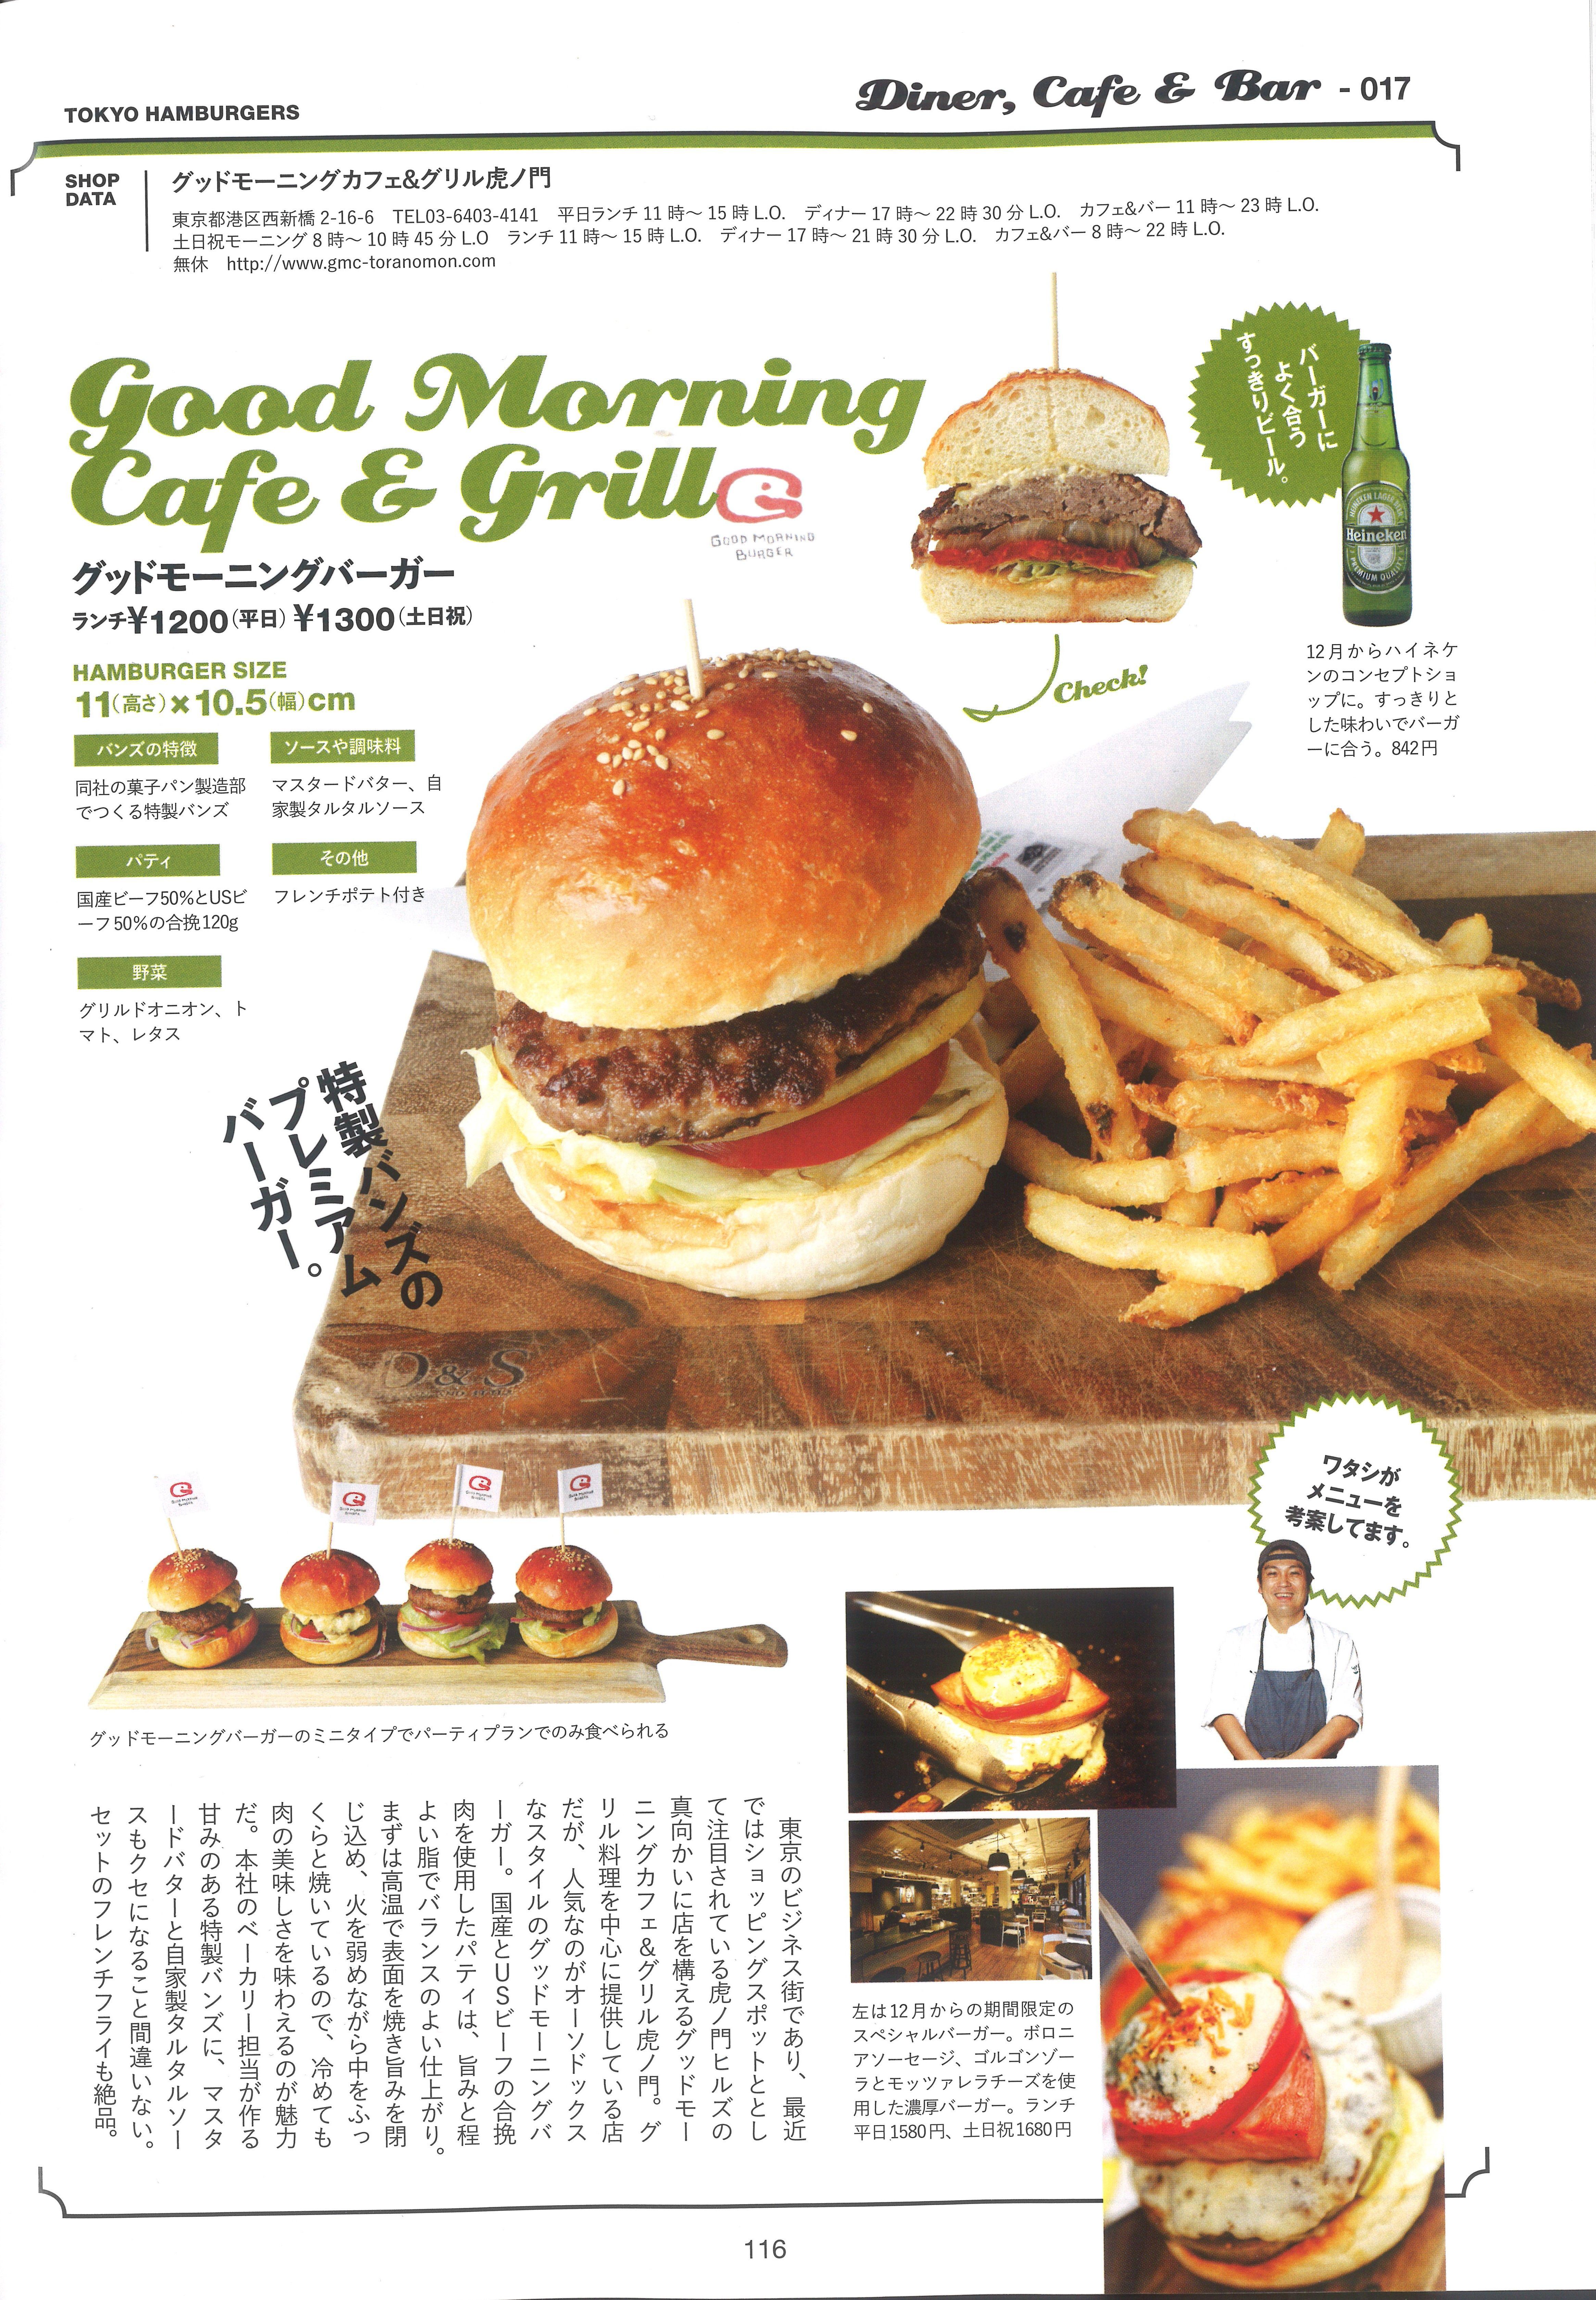 Tokyohamburger_GMCToranomon_②.jpg